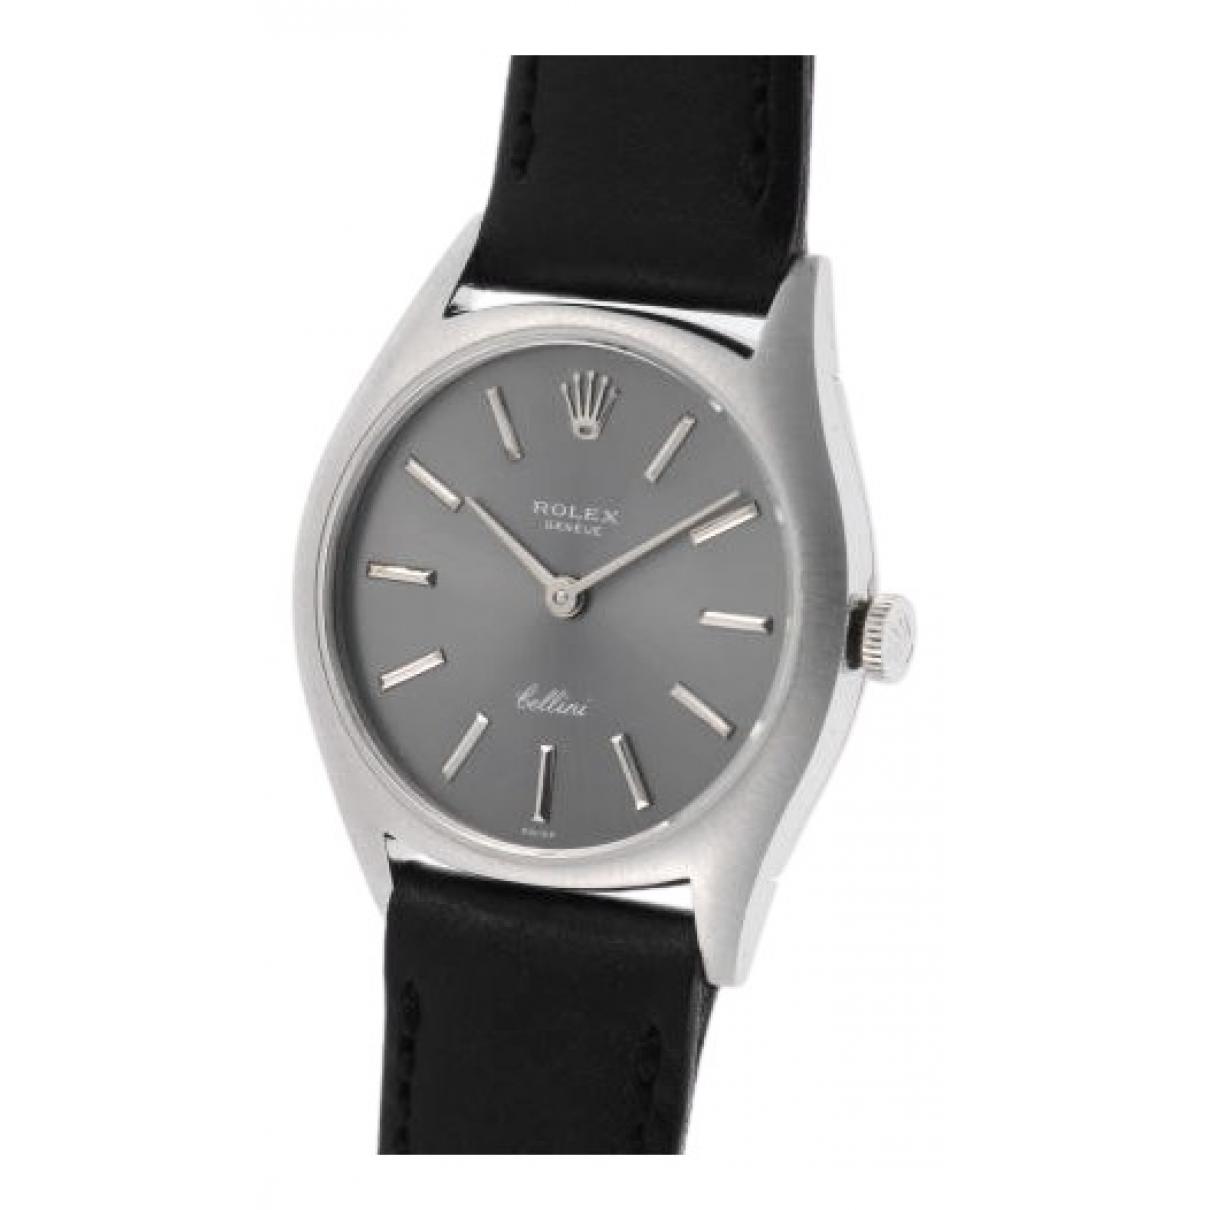 Reloj Cellini de Oro blanco Rolex